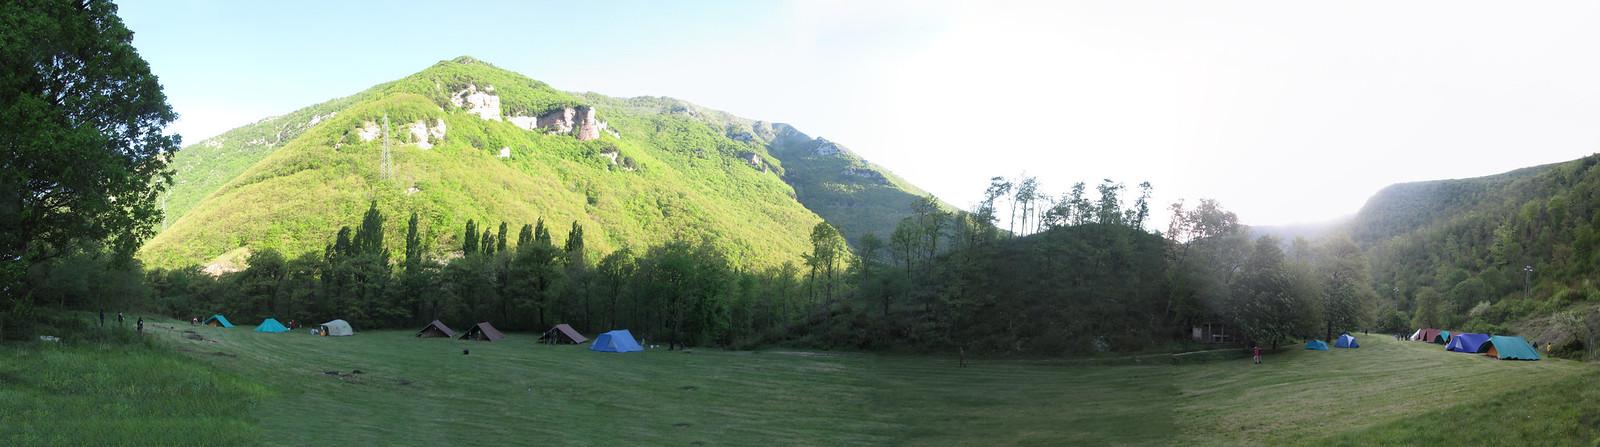 Panorama CRB sottocampi Alfa e Vega